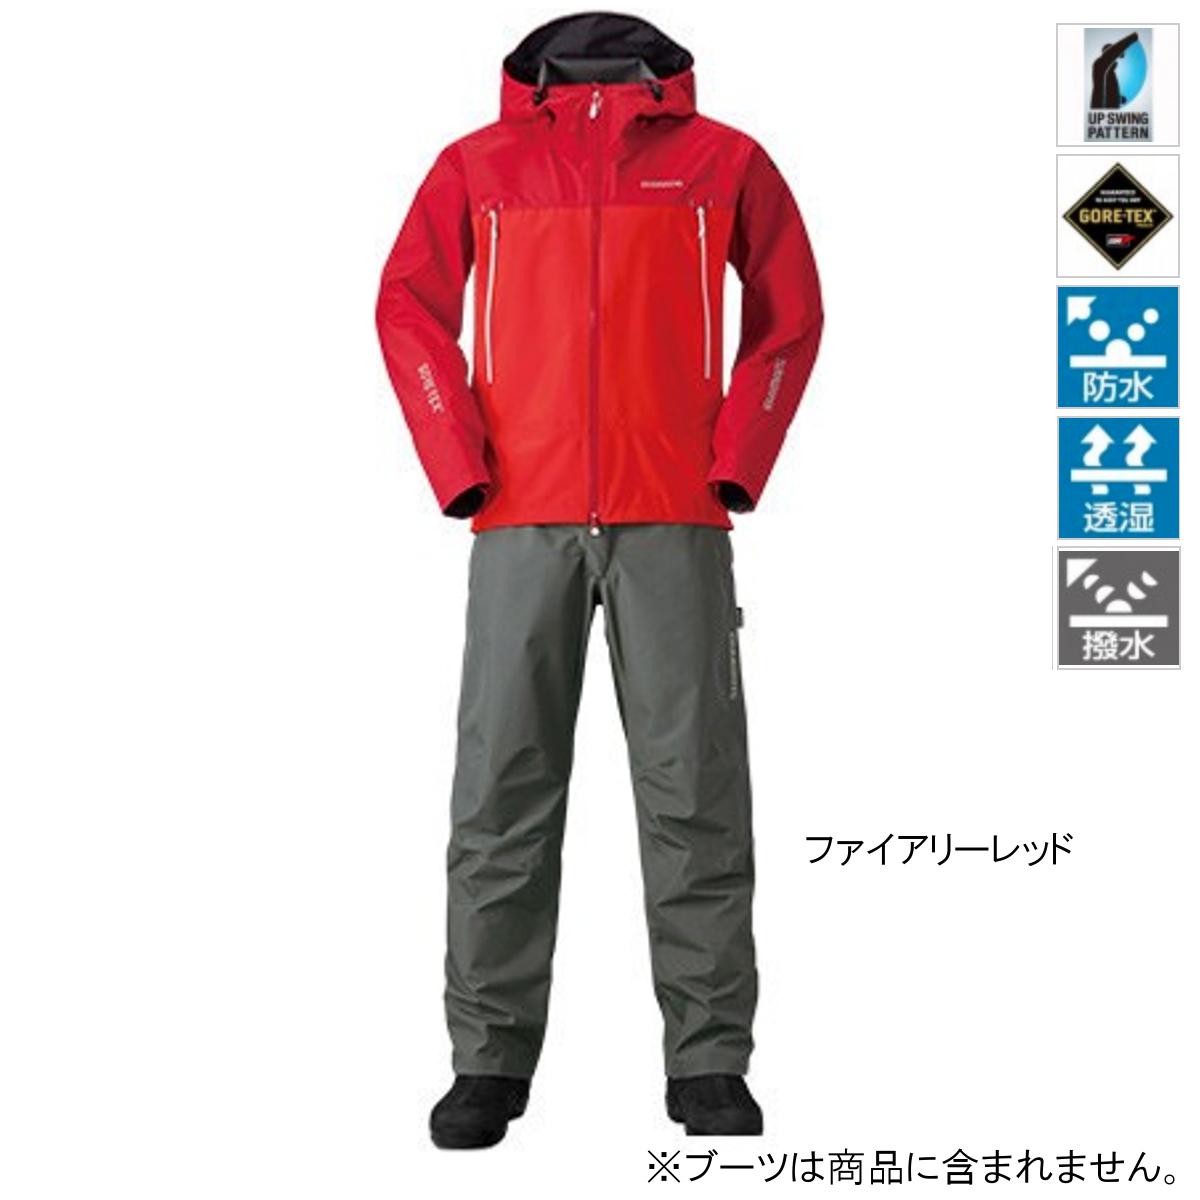 シマノ GORE-TEX ベーシックスーツ RA-017R L ファイアリーレッド(東日本店)